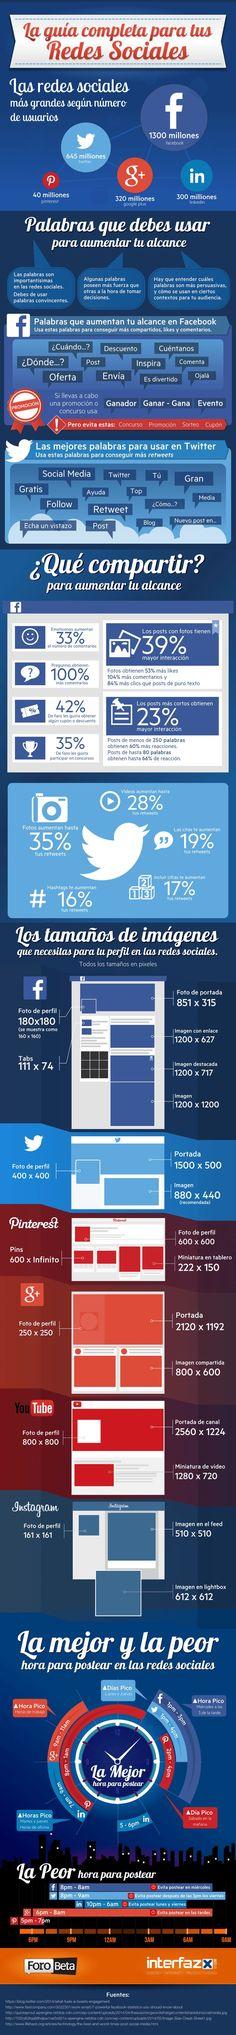 La Guía Más Completa de las Redes Sociales. Todo en una infografía. Imperdible